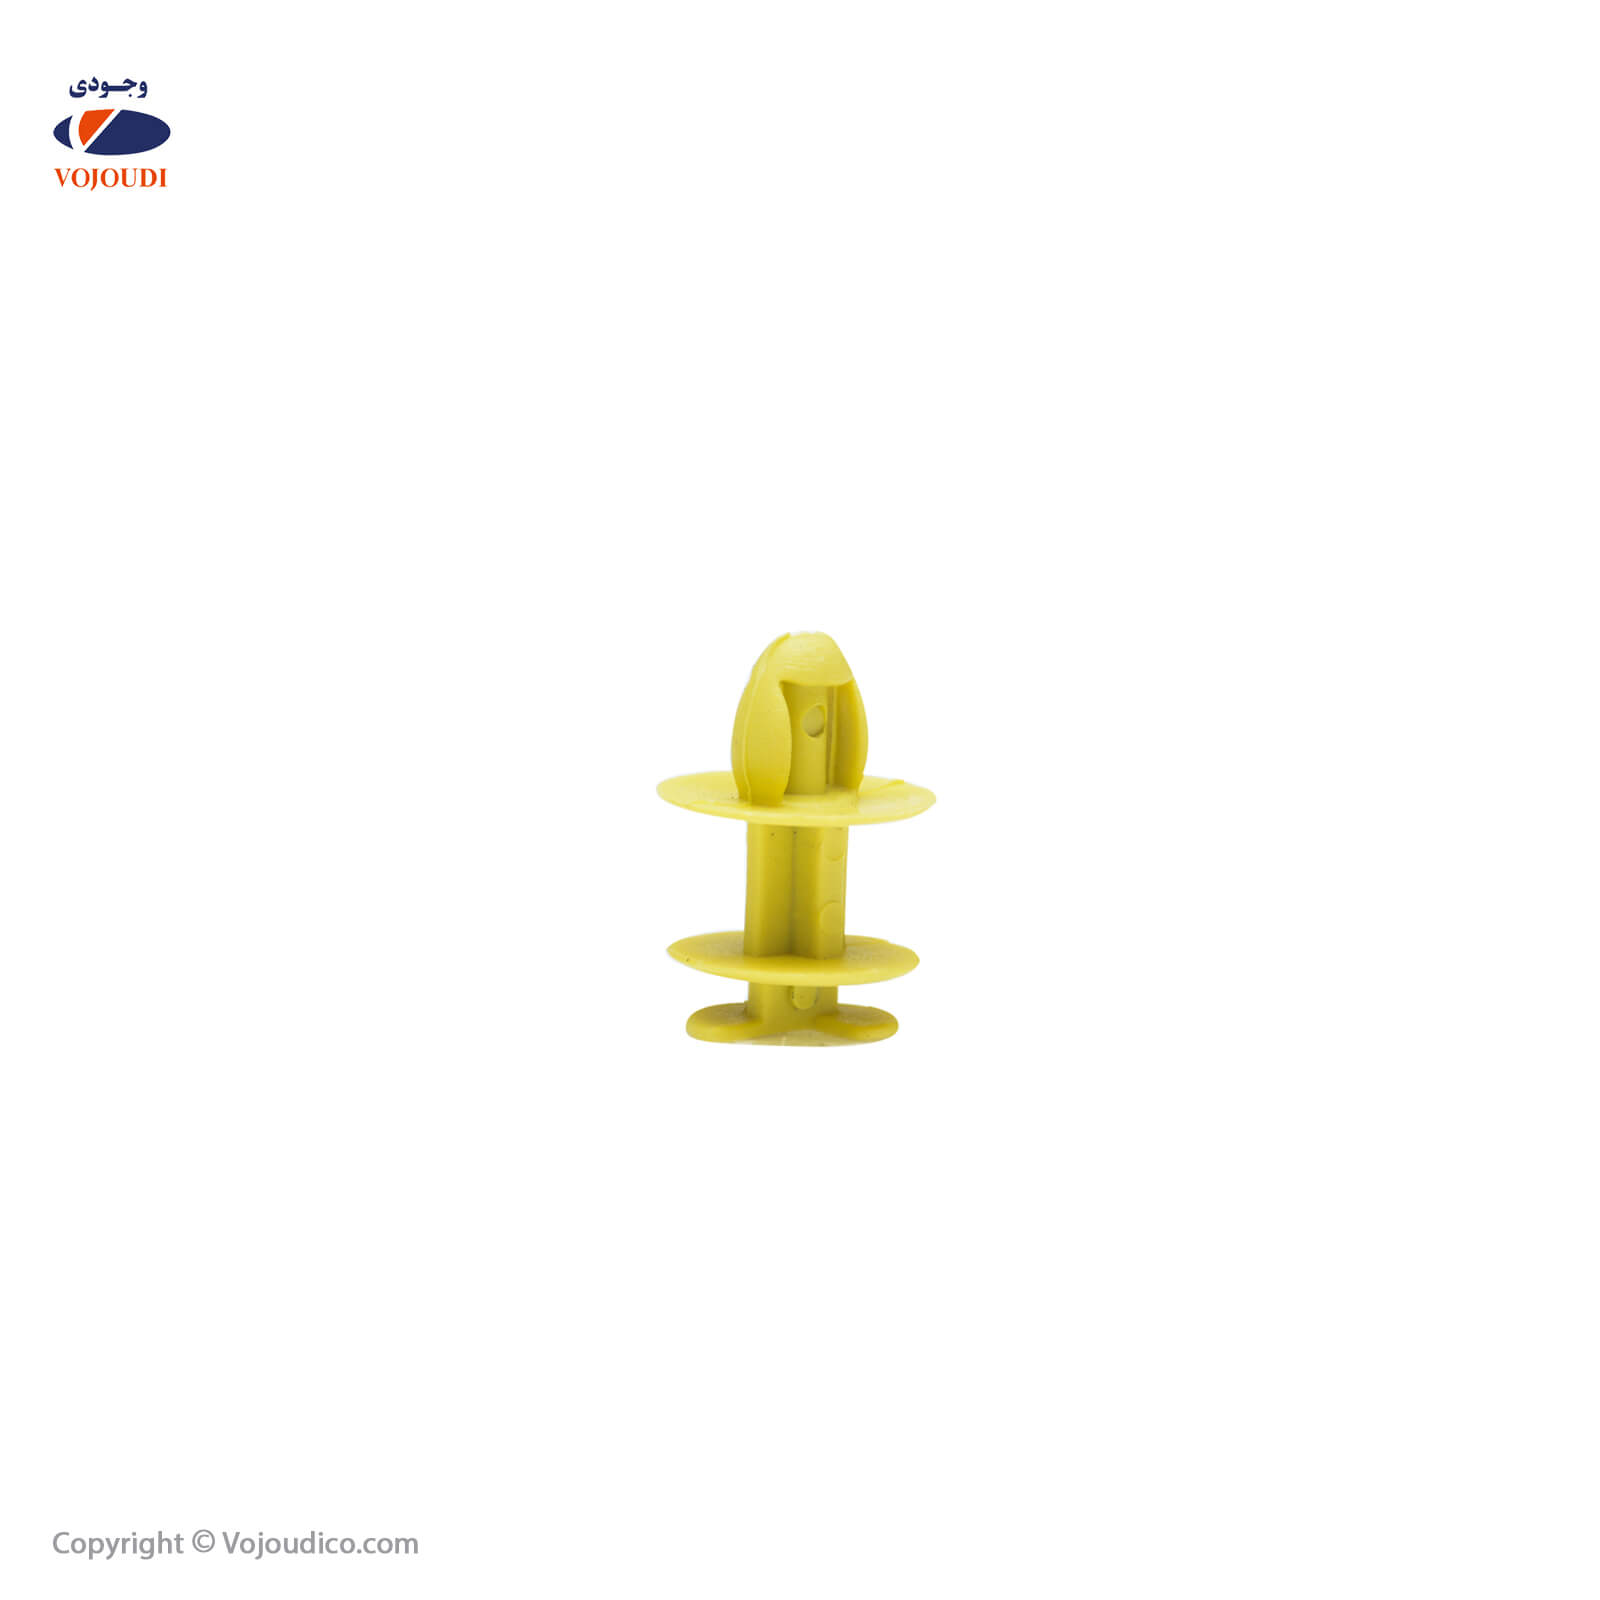 31141 1 - خار رو دری زرد وجودی کد 31141 ، تعداد در بسته : 100 عدد